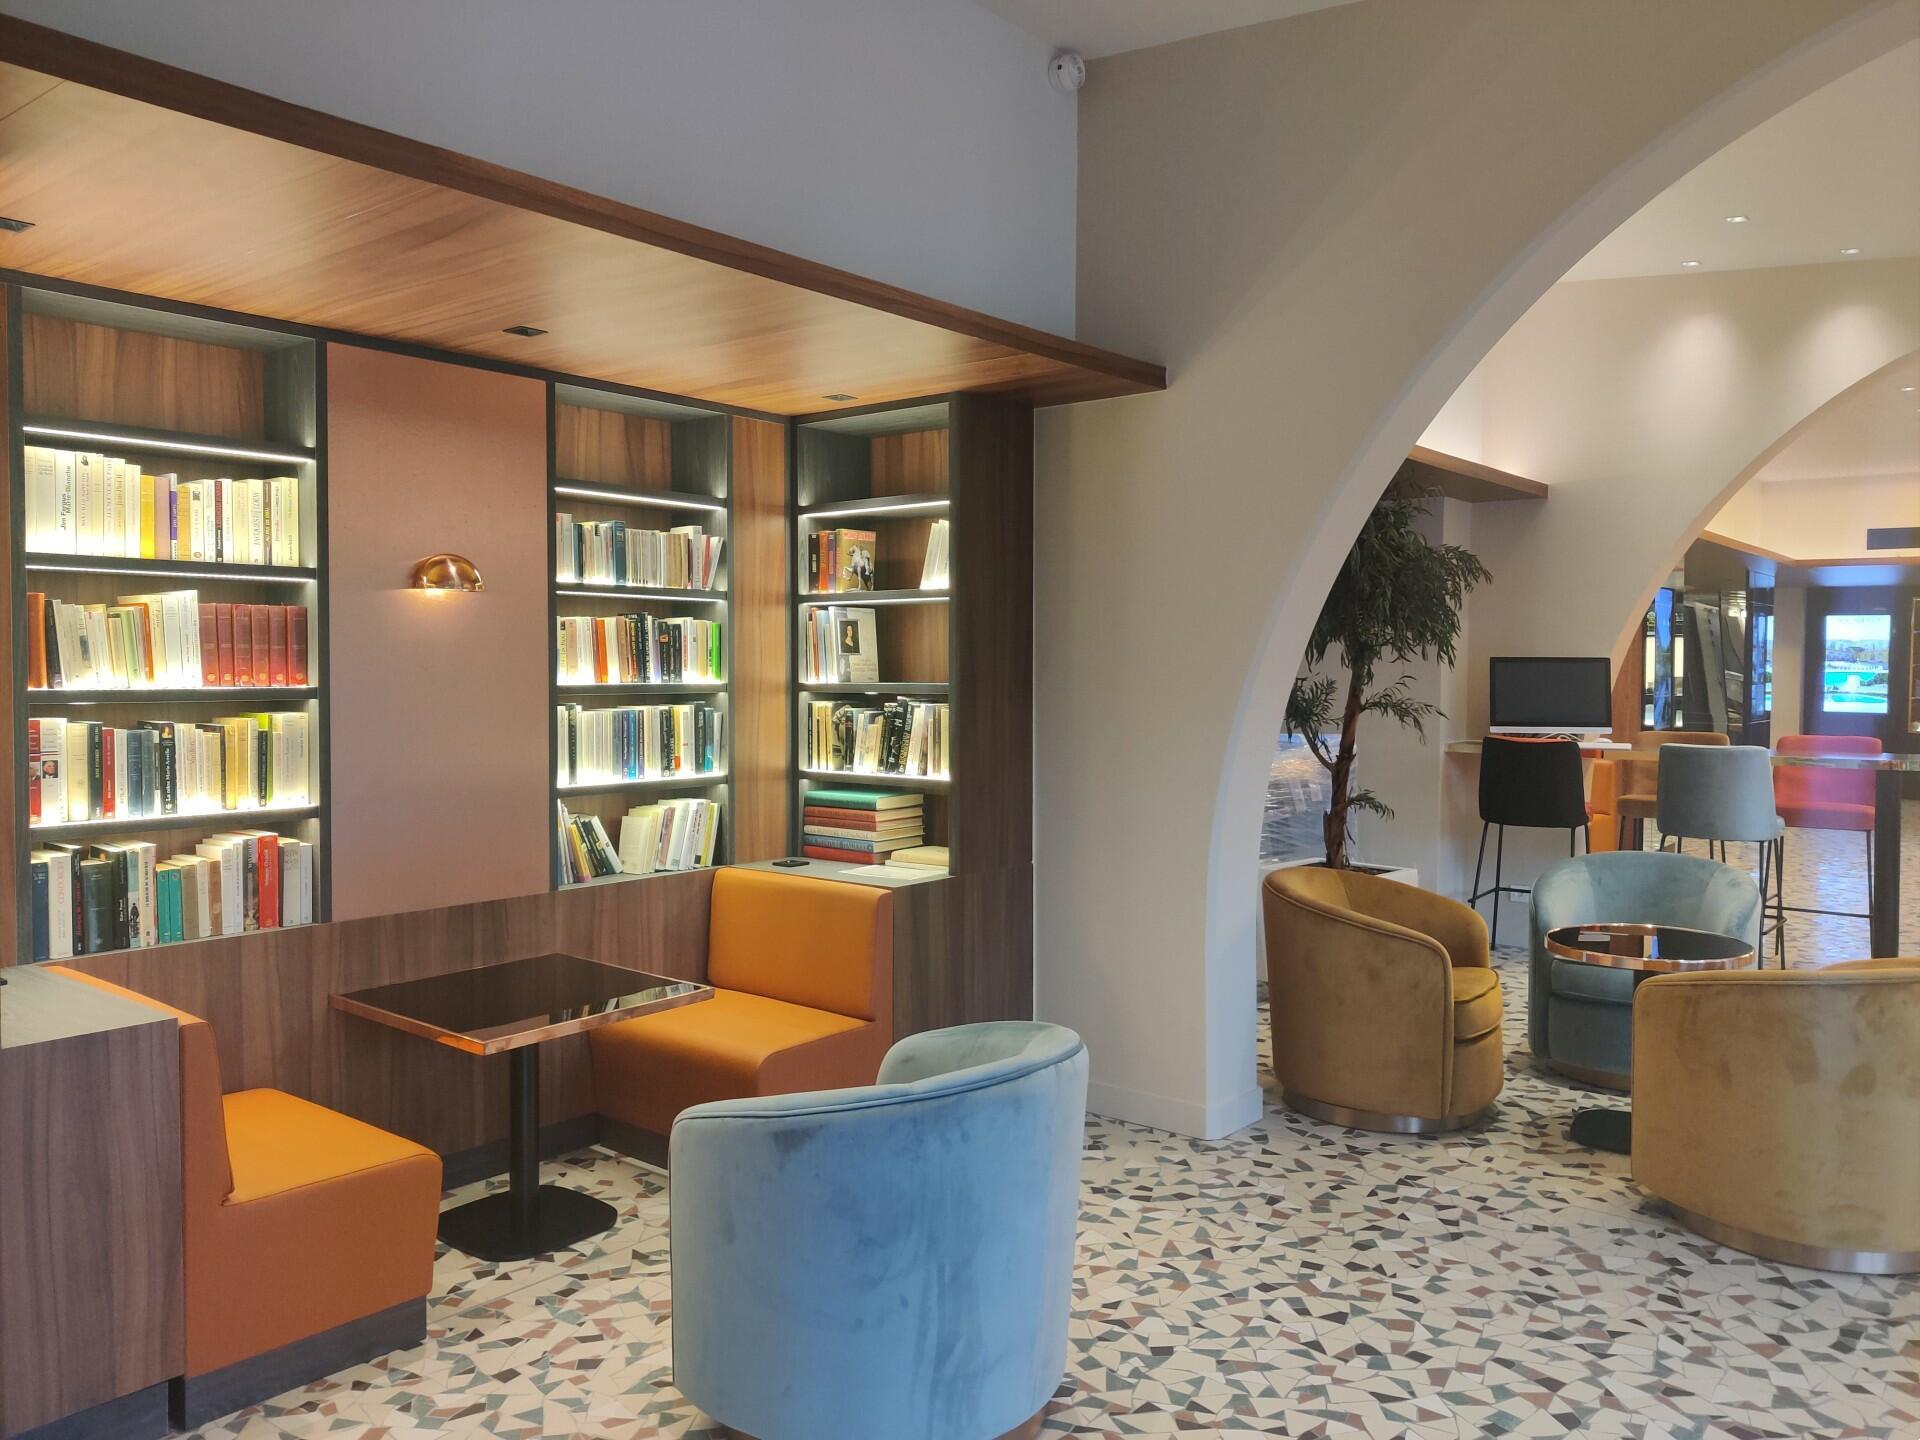 Reception at Aquabella Hotel & Spa in Aix-en-Provence, France